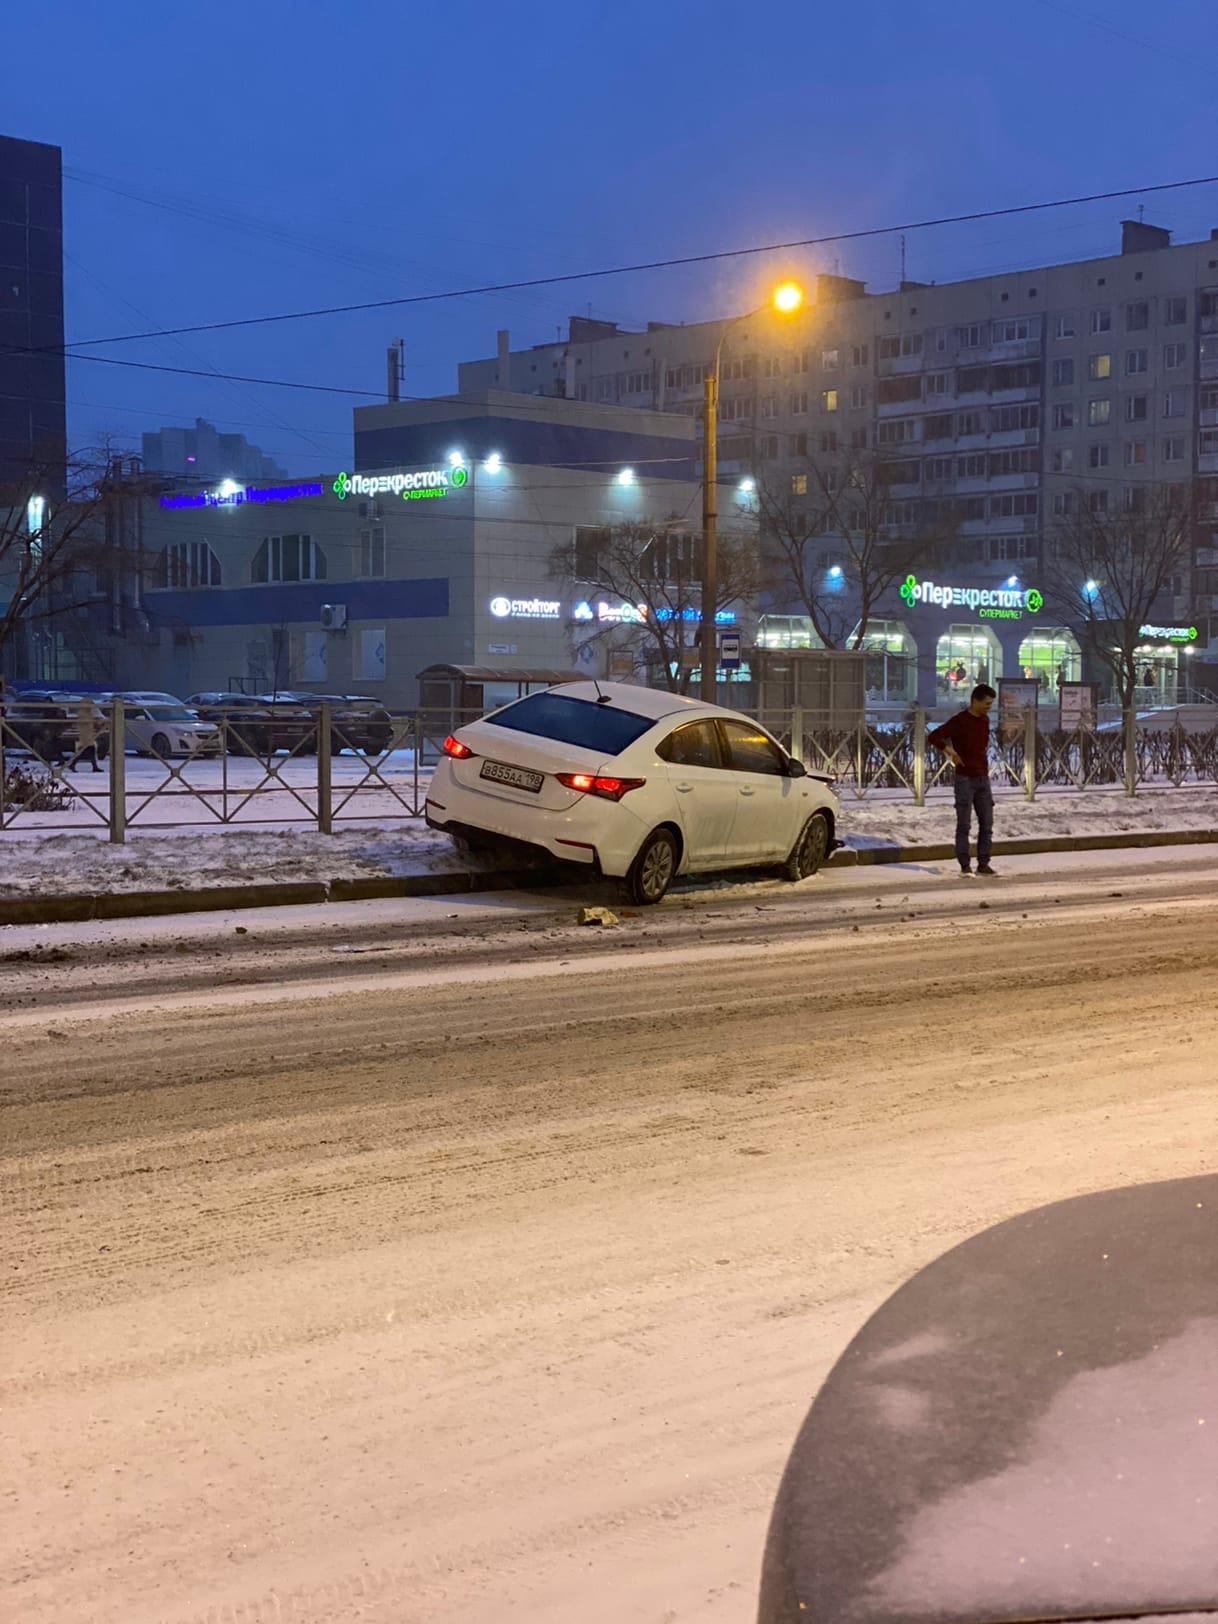 ДТП на Уточкина. После столкновения с другой машиной автомобиль, по свидетельствам очевидцев, отбросило на отбойник.